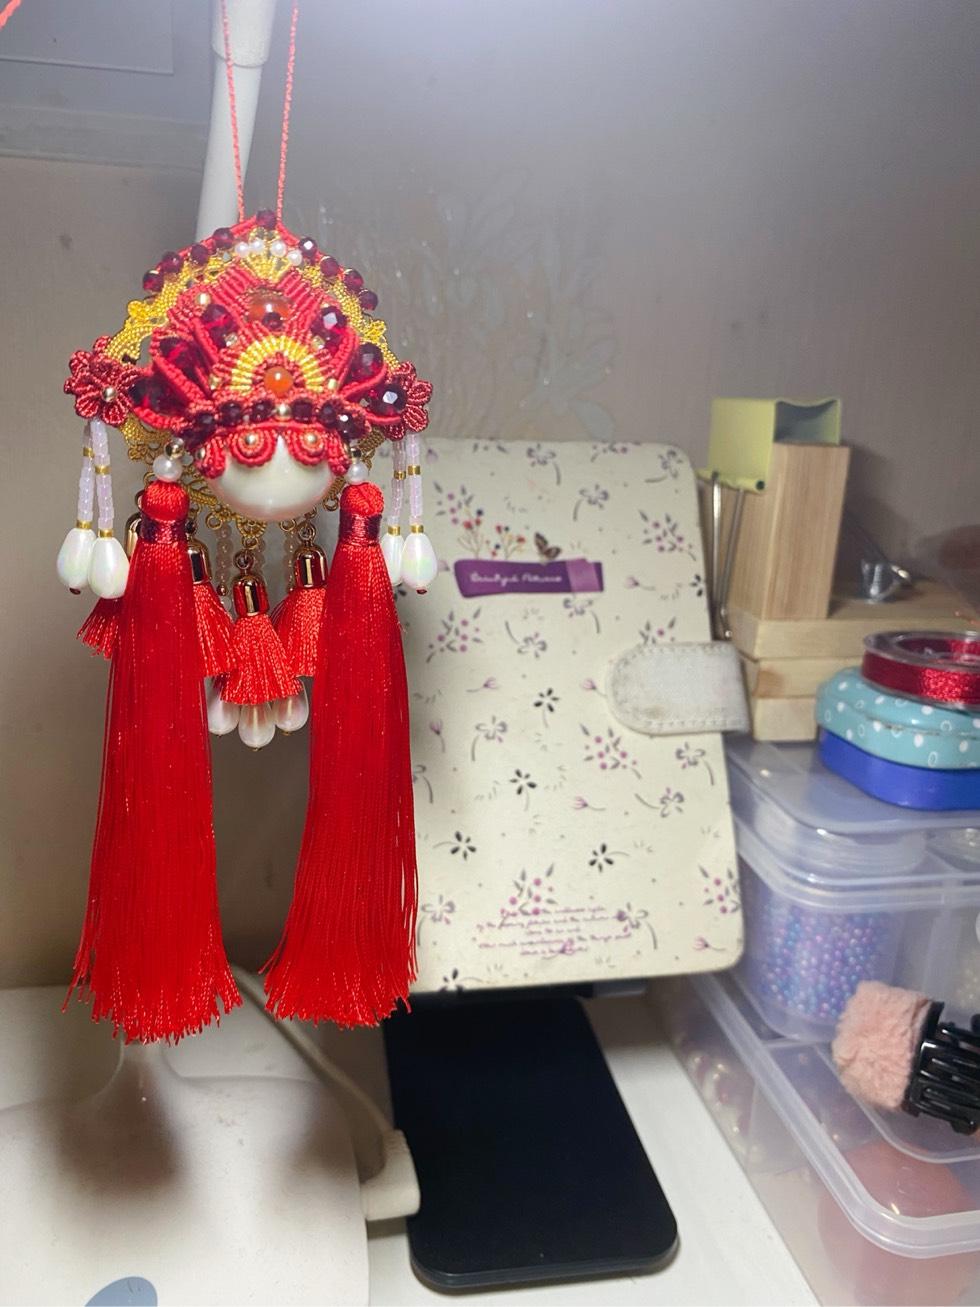 中国结论坛 拖延症患者的蝴蝶夫人(红妆) 怎么治疗拖延症患者,晚期拖延症患者,蝴蝶夫人表达了什么,蝴蝶夫人晴朗的一天 作品展示 210253jqlcux00juruq0js